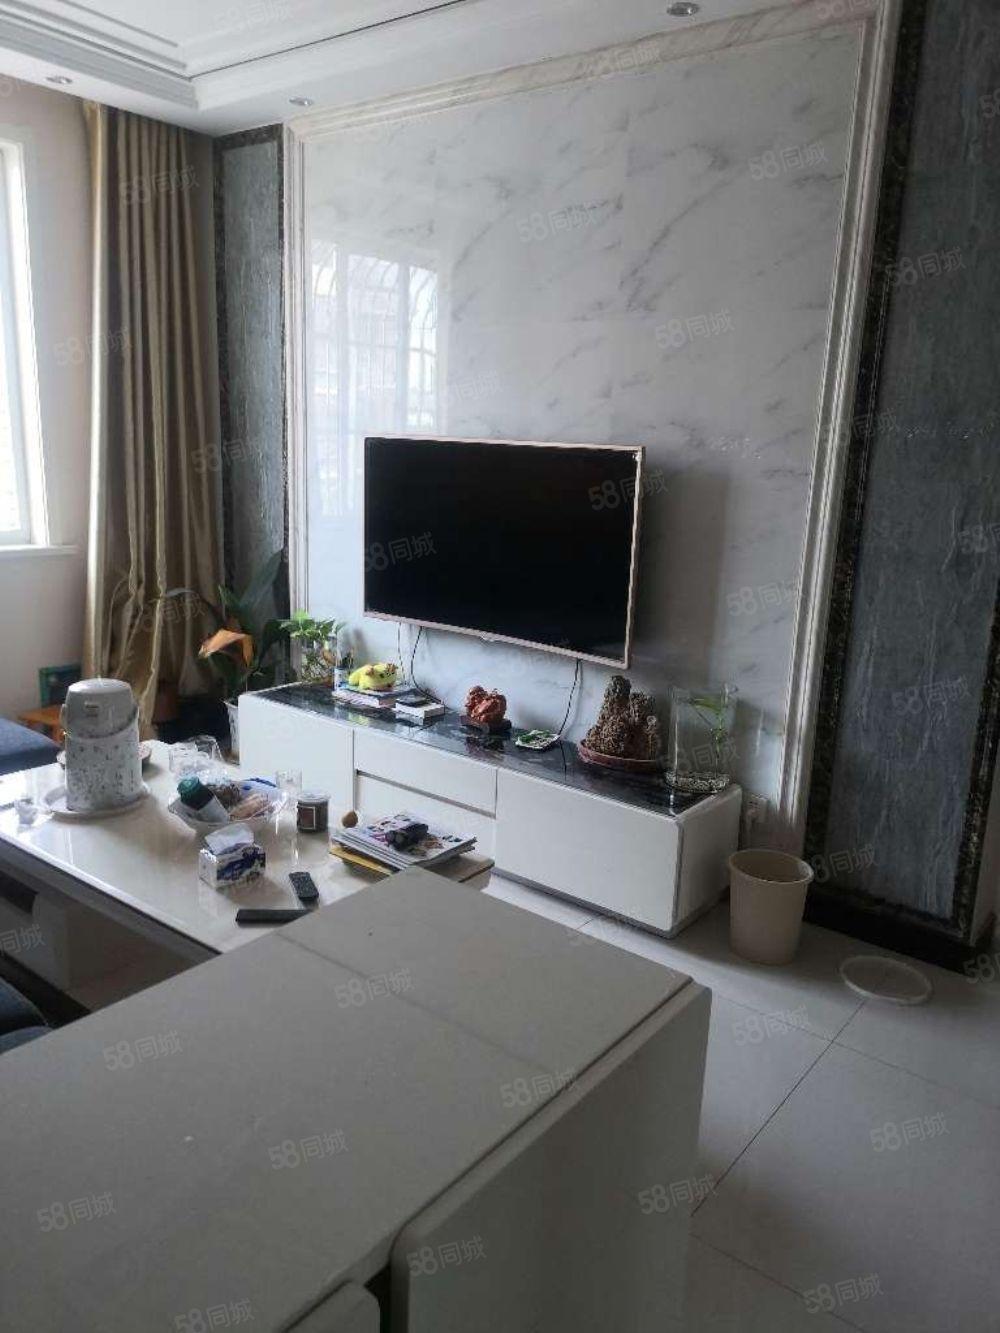 急售,精装修两室好楼层,带全部家具家电,可直接过户